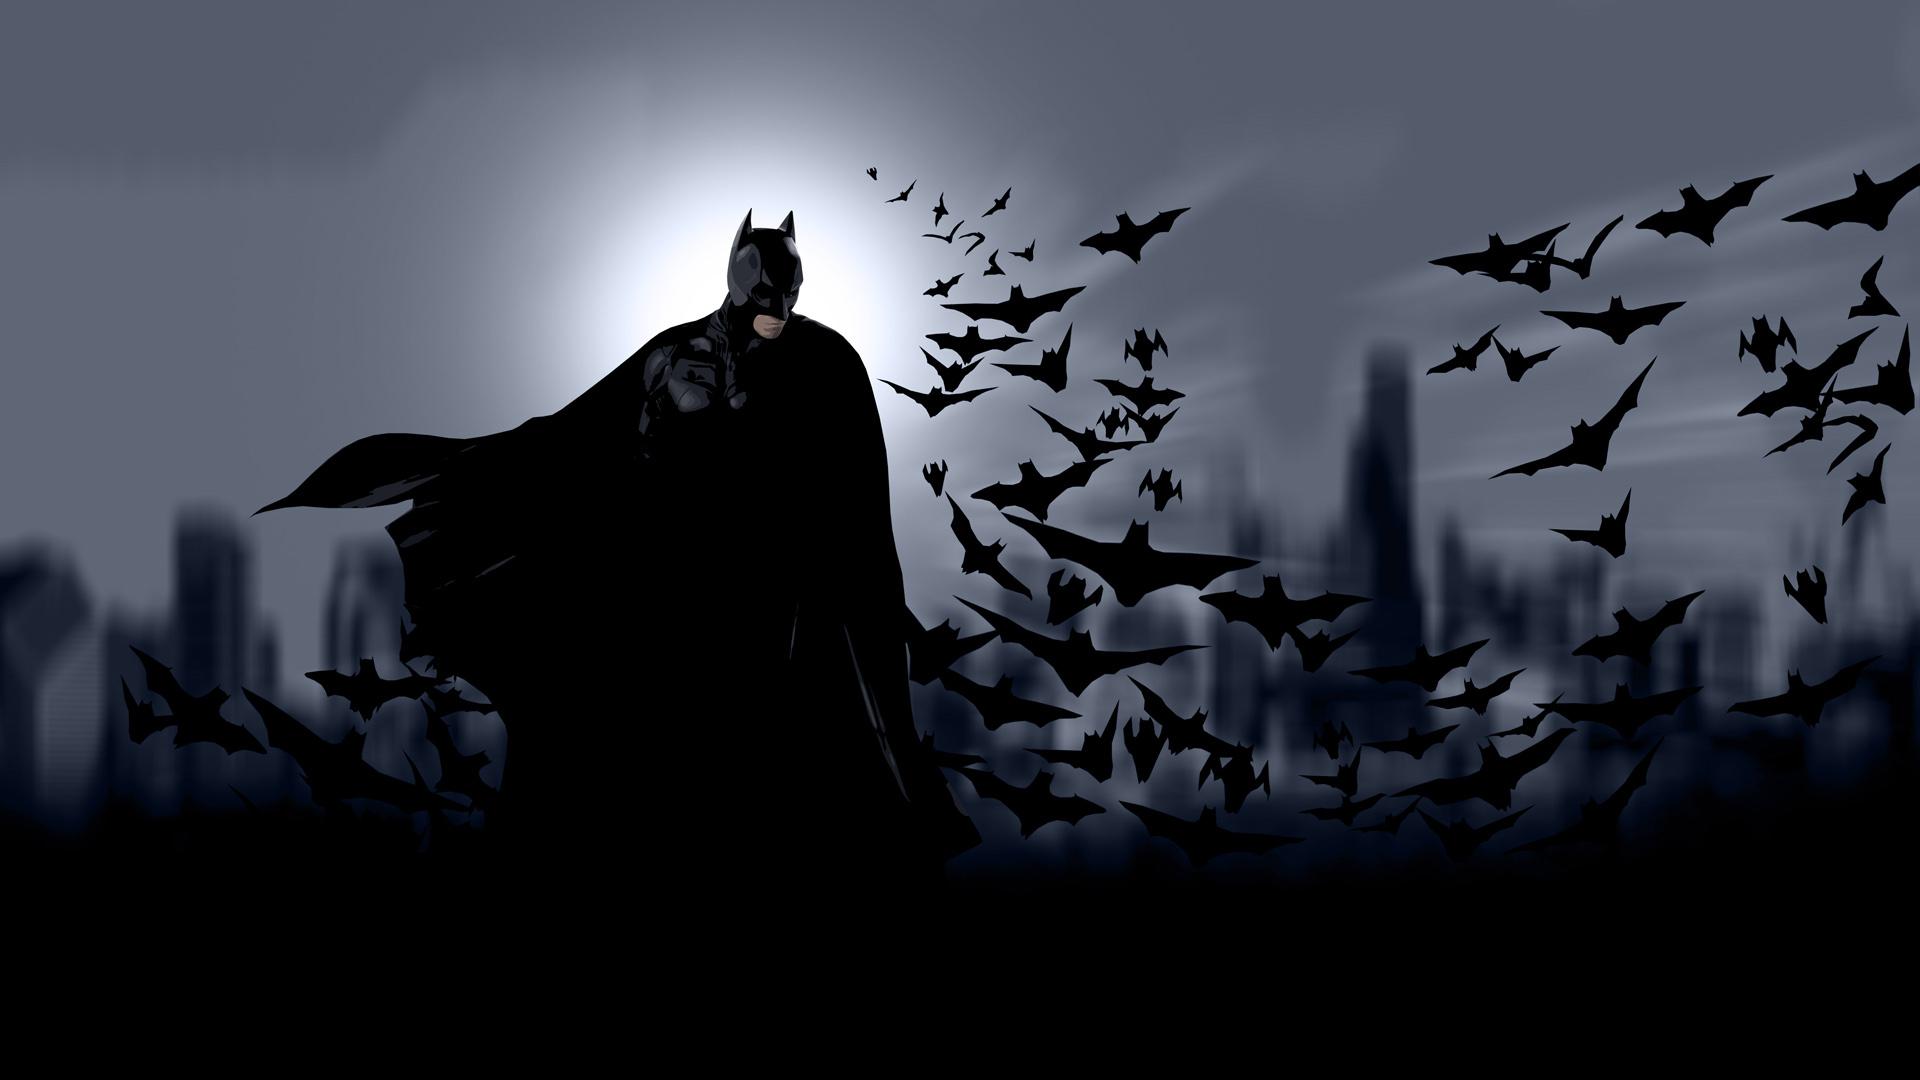 HDoboi.Kiev.ua - Бэтмен с мышами, Batman, кино обои на телефон